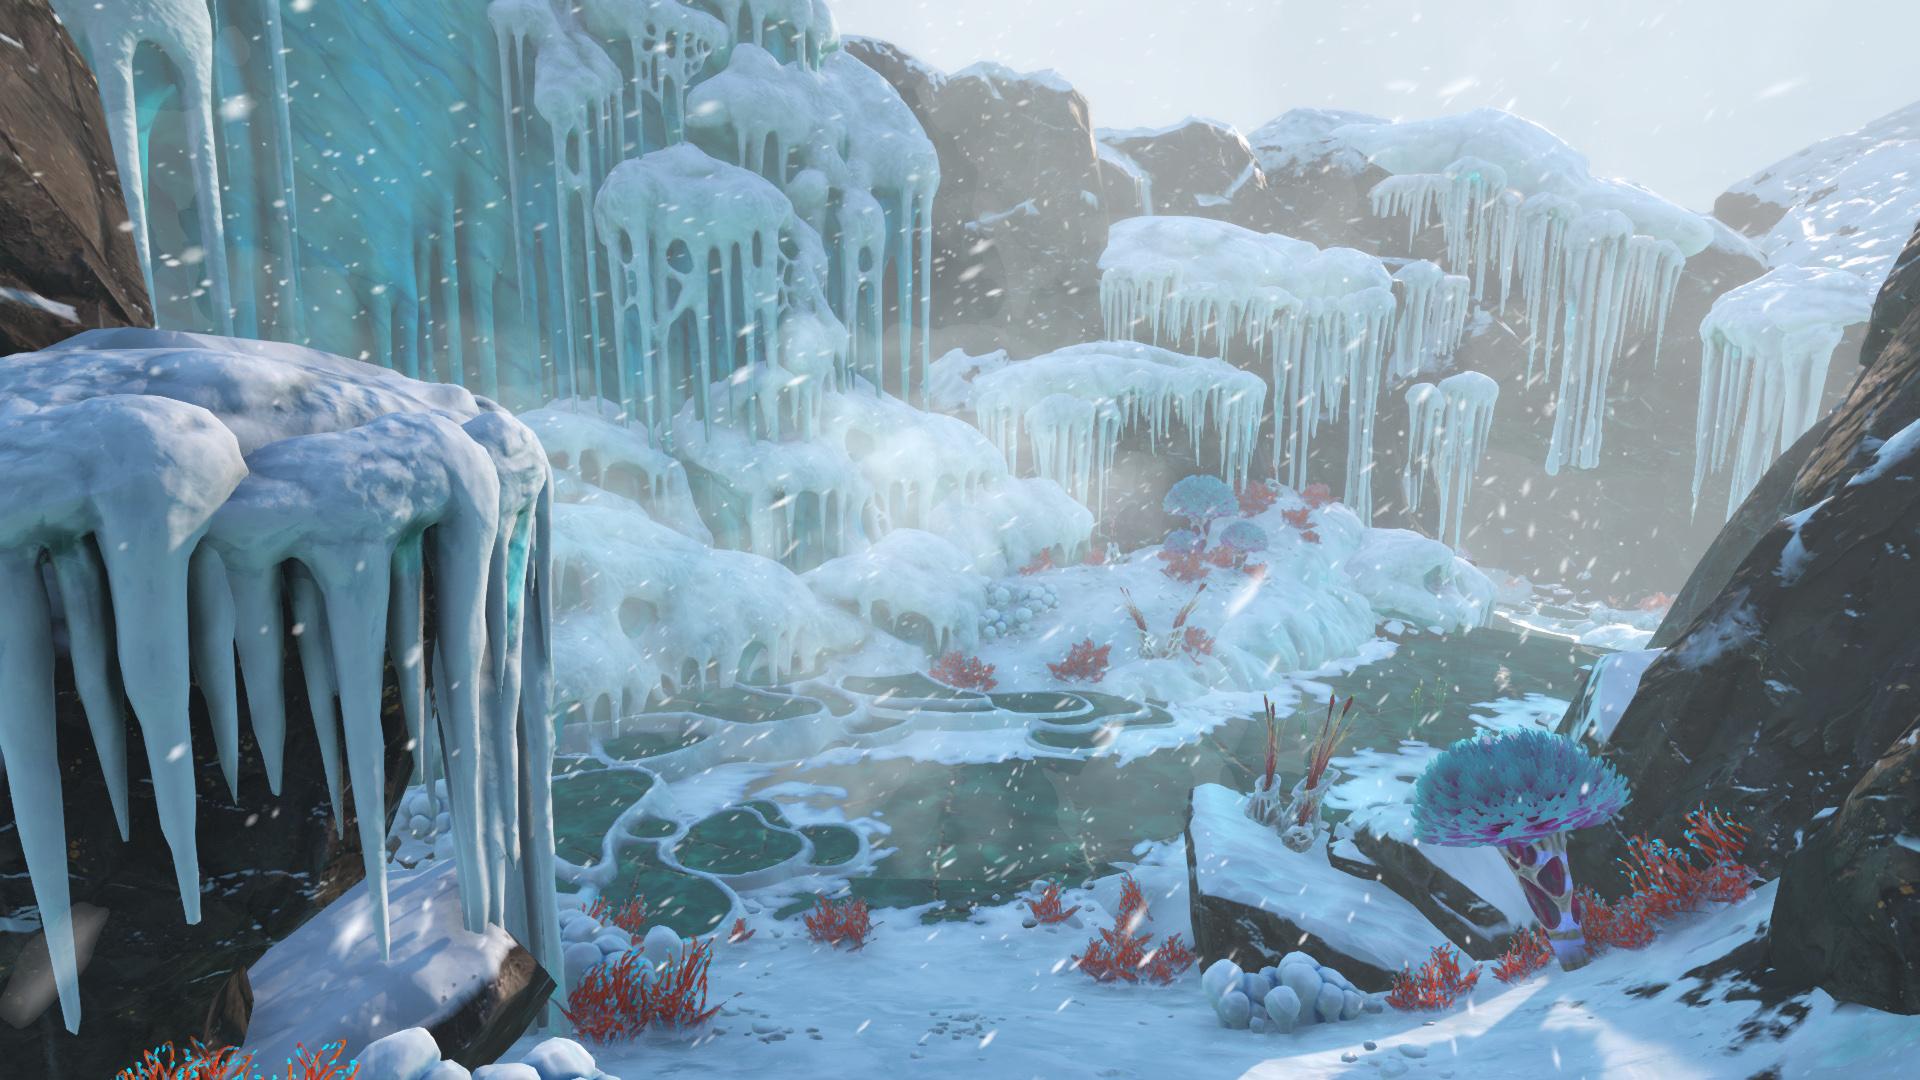 《深海迷航:冰点之下》登陆Steam抢先体验 探索冰川奇景